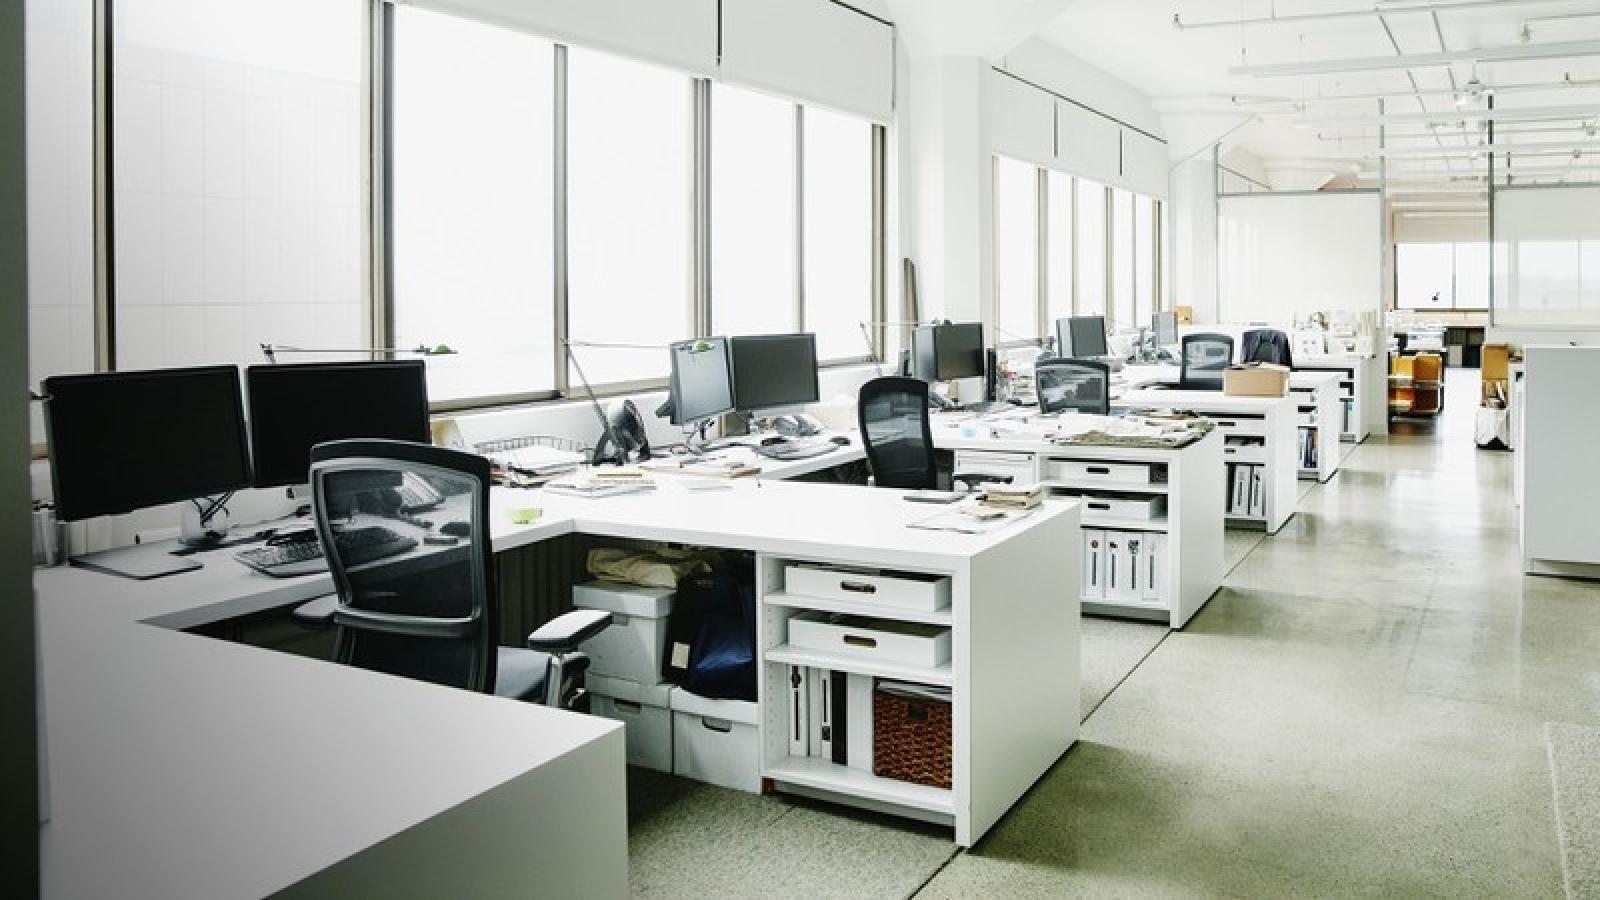 Dân công sở Nhật Bản tập quen dần với làm việc từ xa trong mùa Covid-19